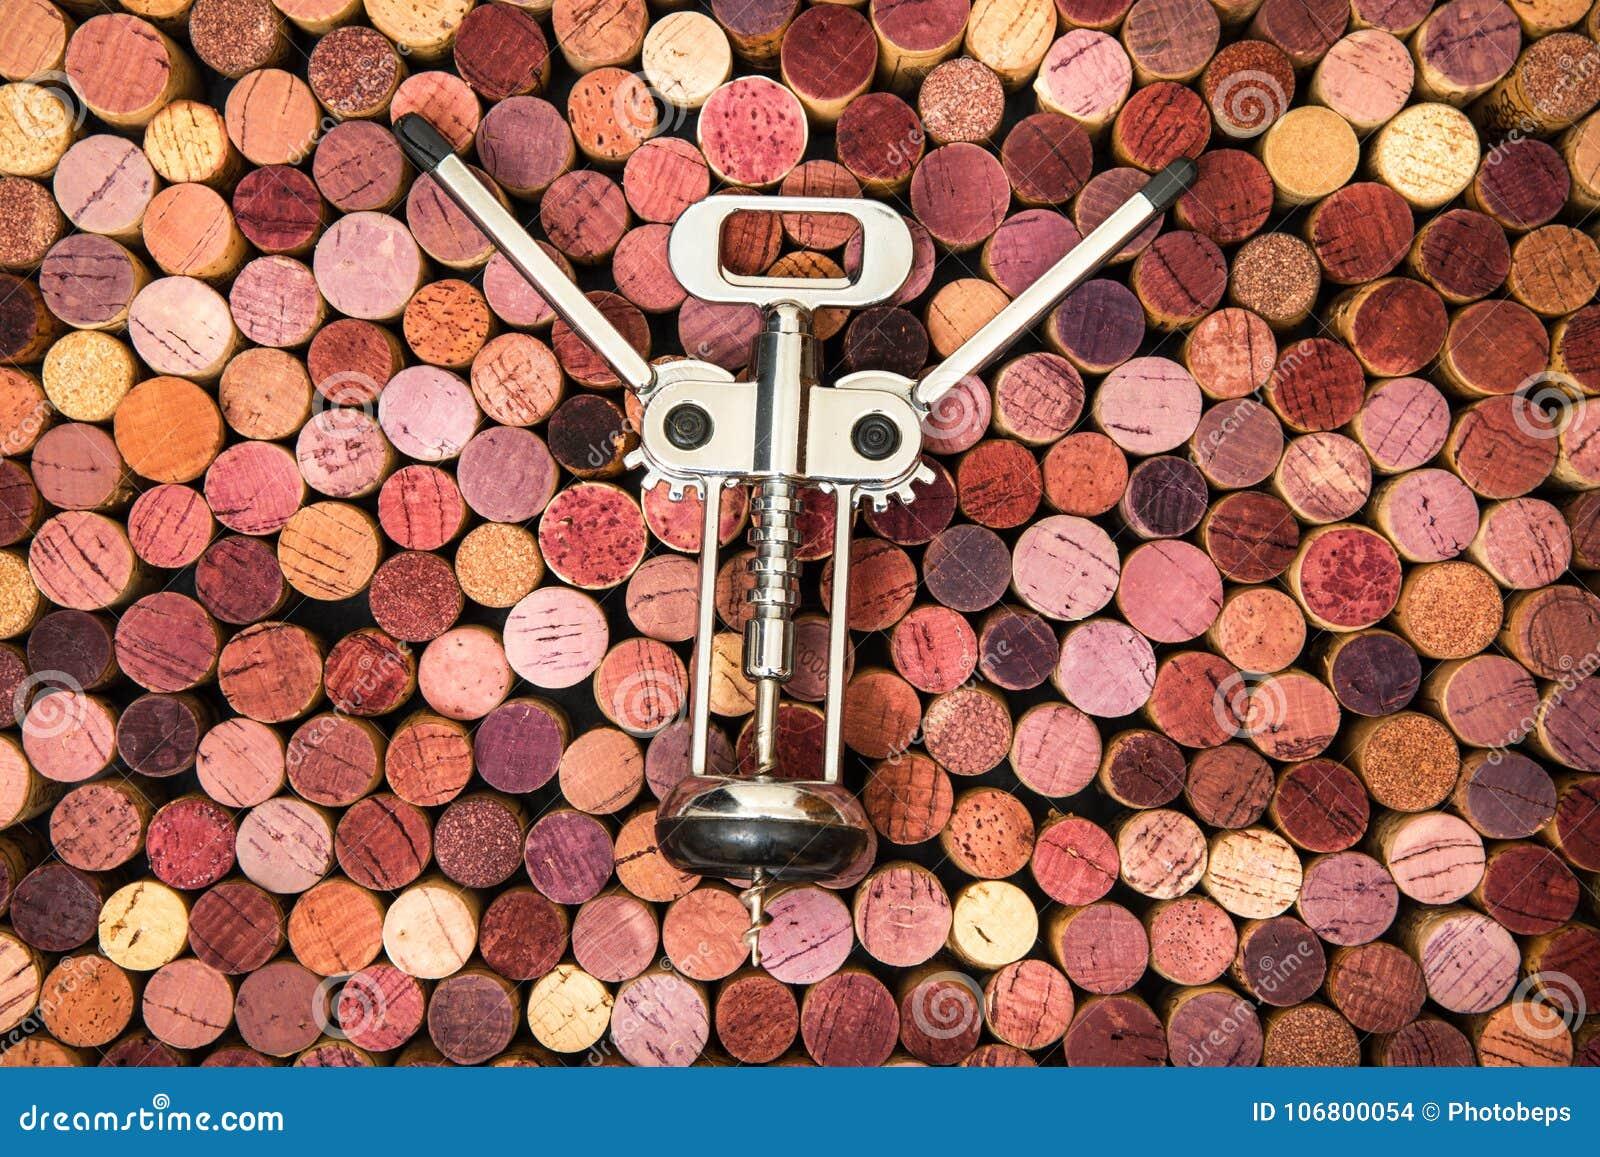 Download Korkenzieher Im Korkenhintergrund Stockfoto - Bild von tabelle, korkenzieher: 106800054